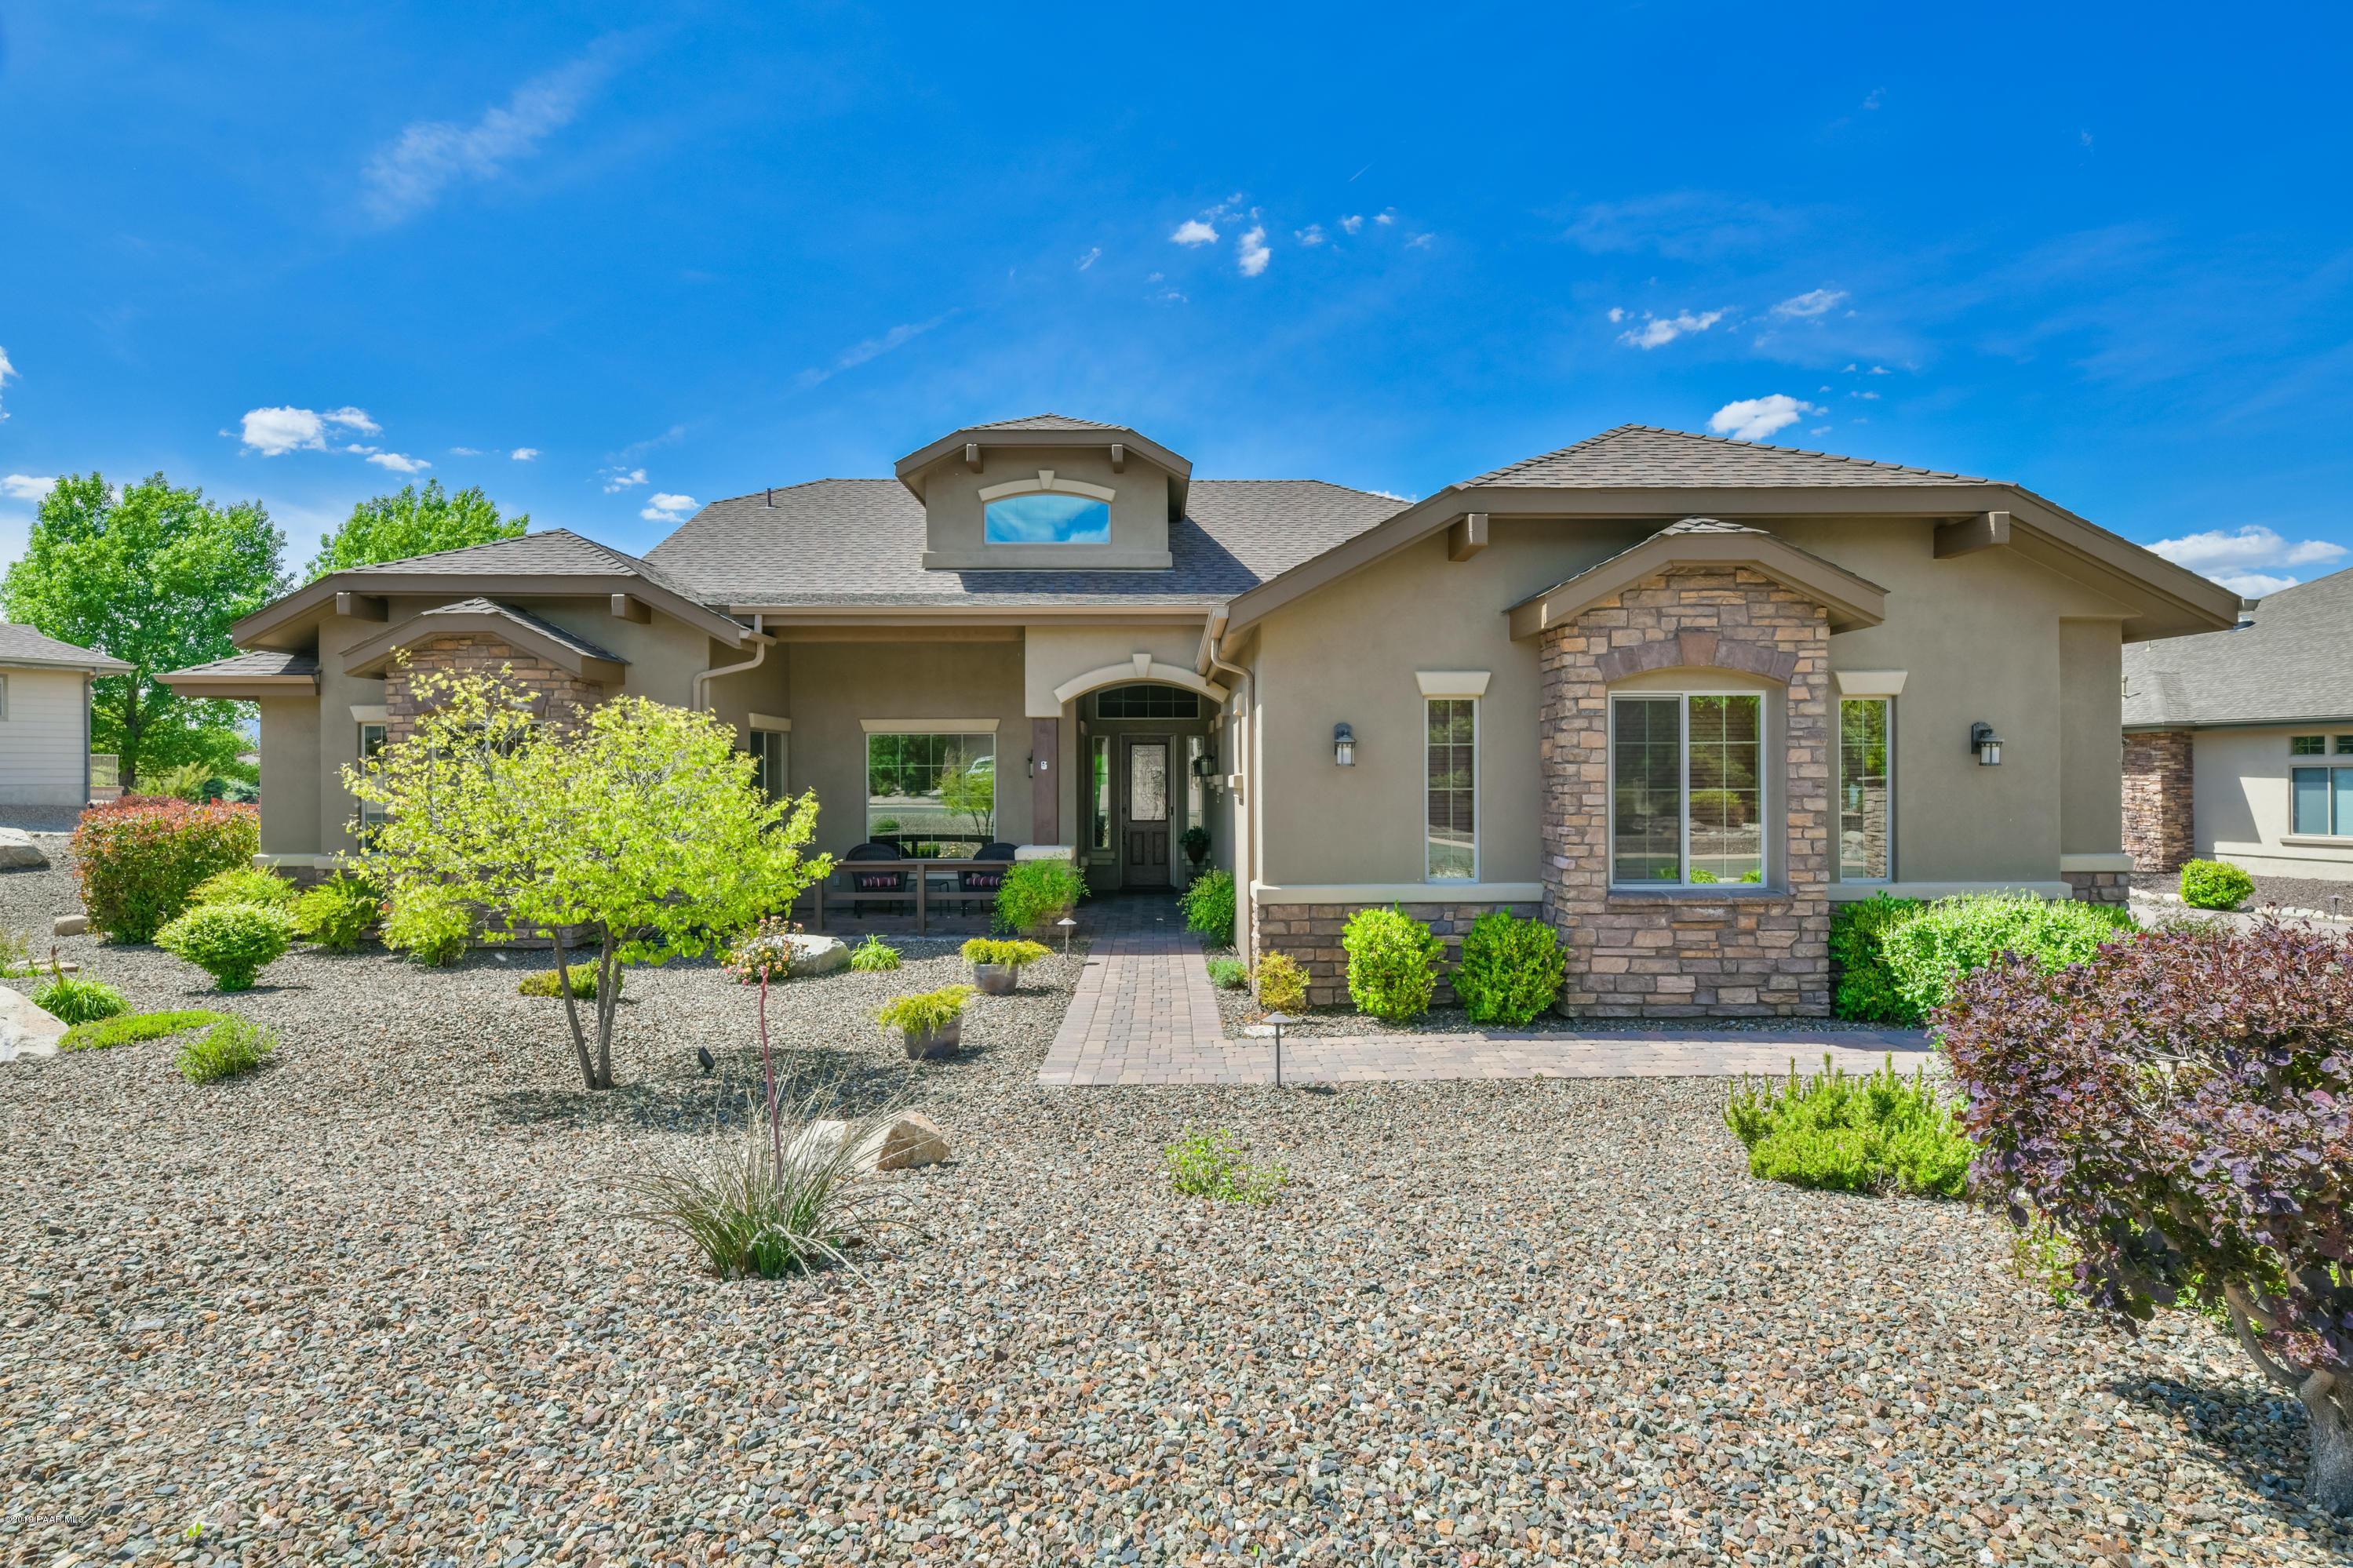 Photo of 1582 Gettysvue, Prescott, AZ 86301